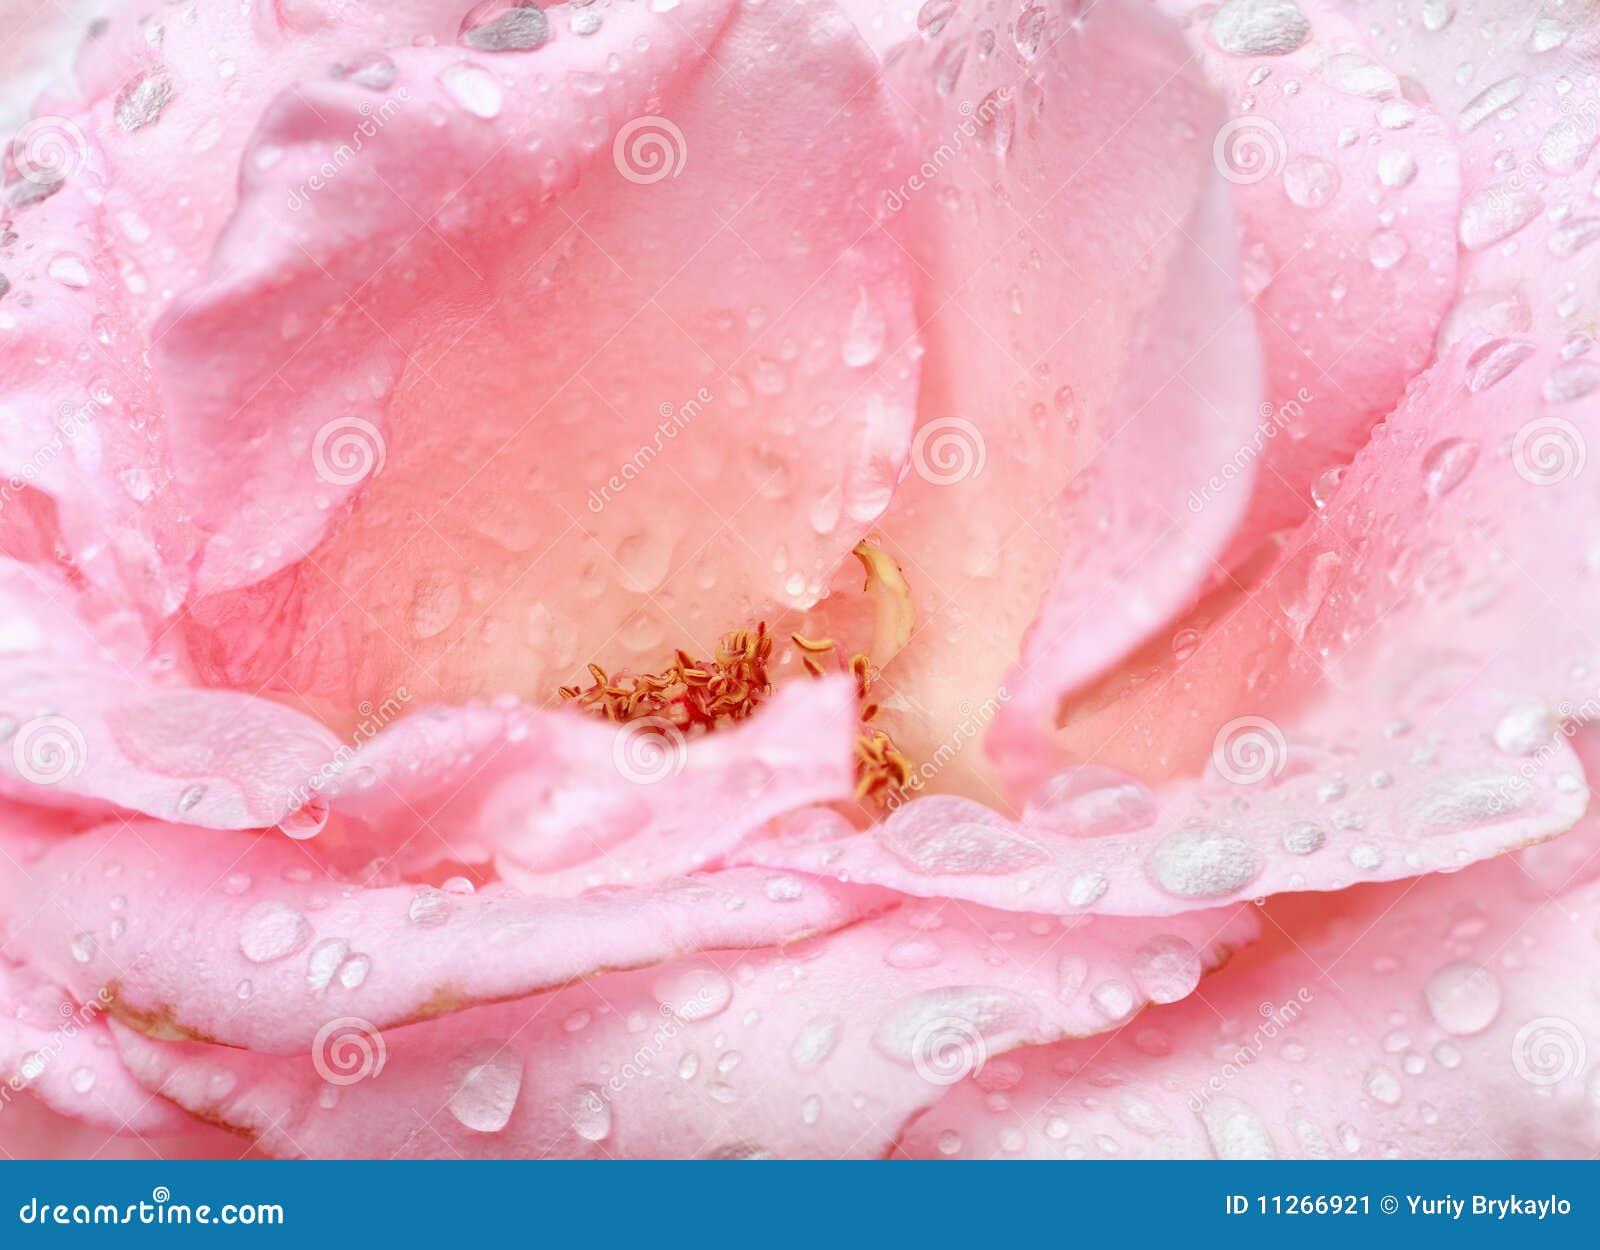 Il Colore Rosa è Aumentato Con Rugiada Primo Piano Sfondo Naturale